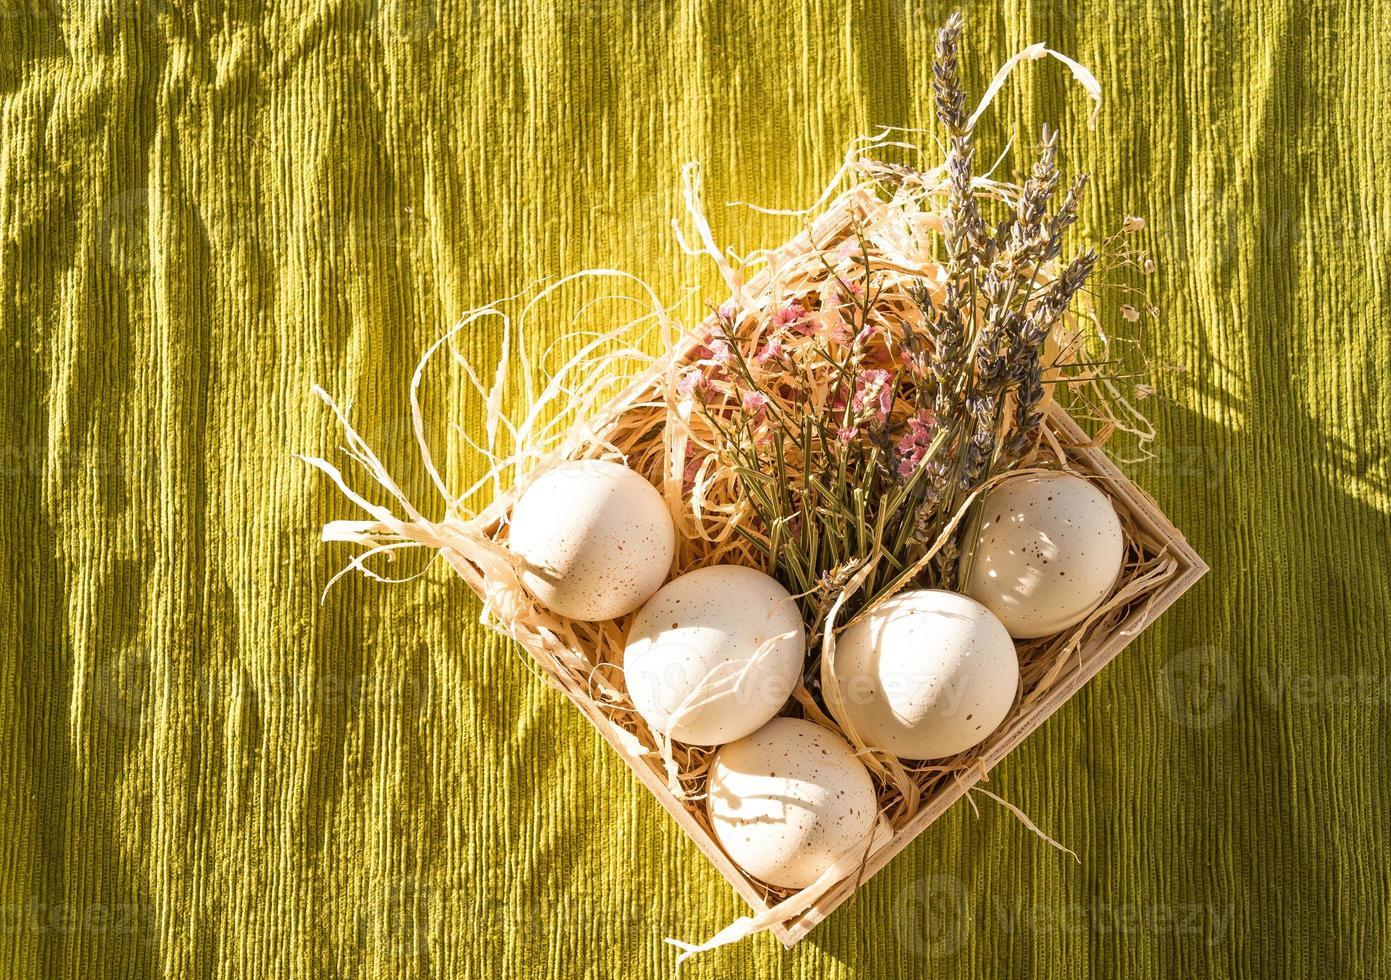 decoração de ovo de páscoa com lavanda foto